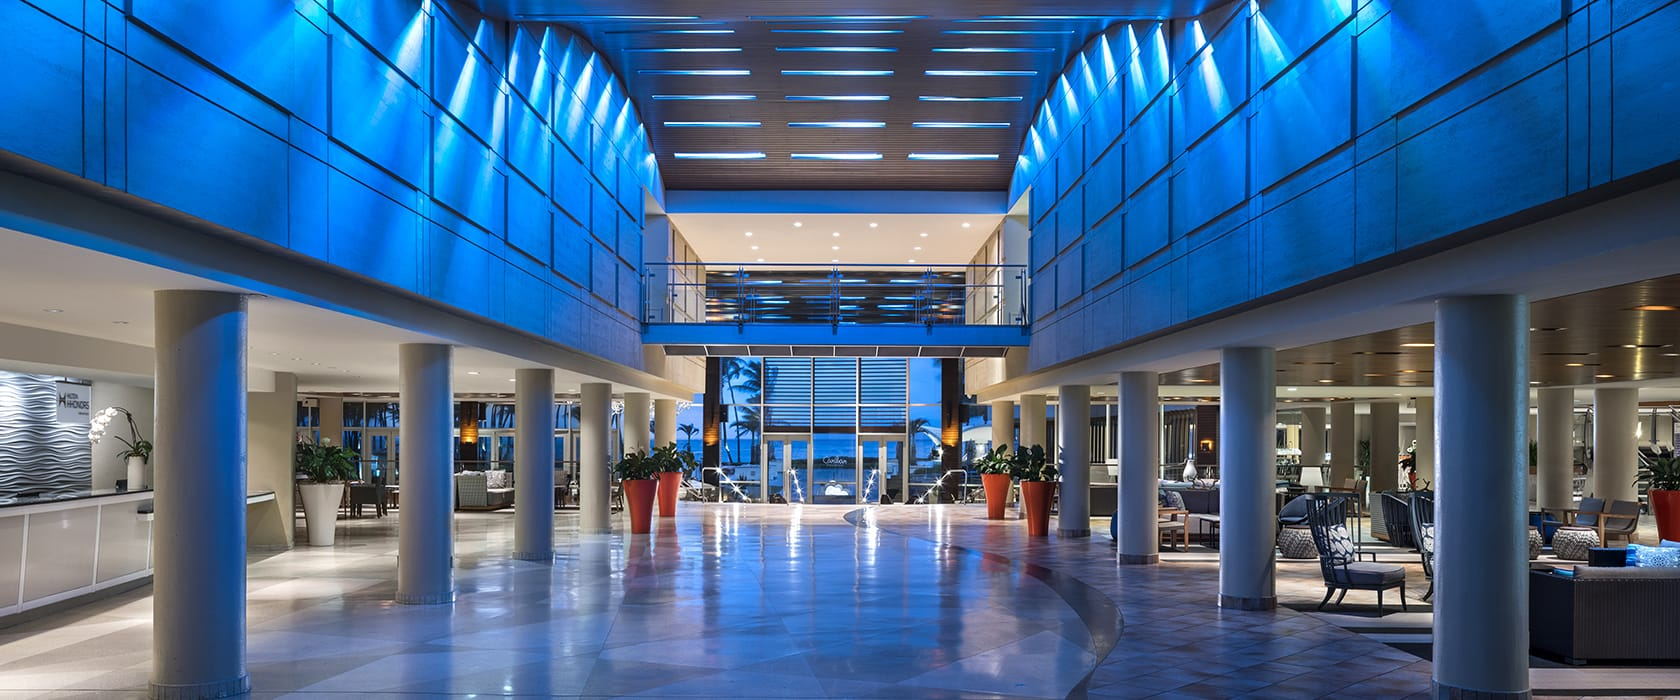 caribe hilton lobby entrance